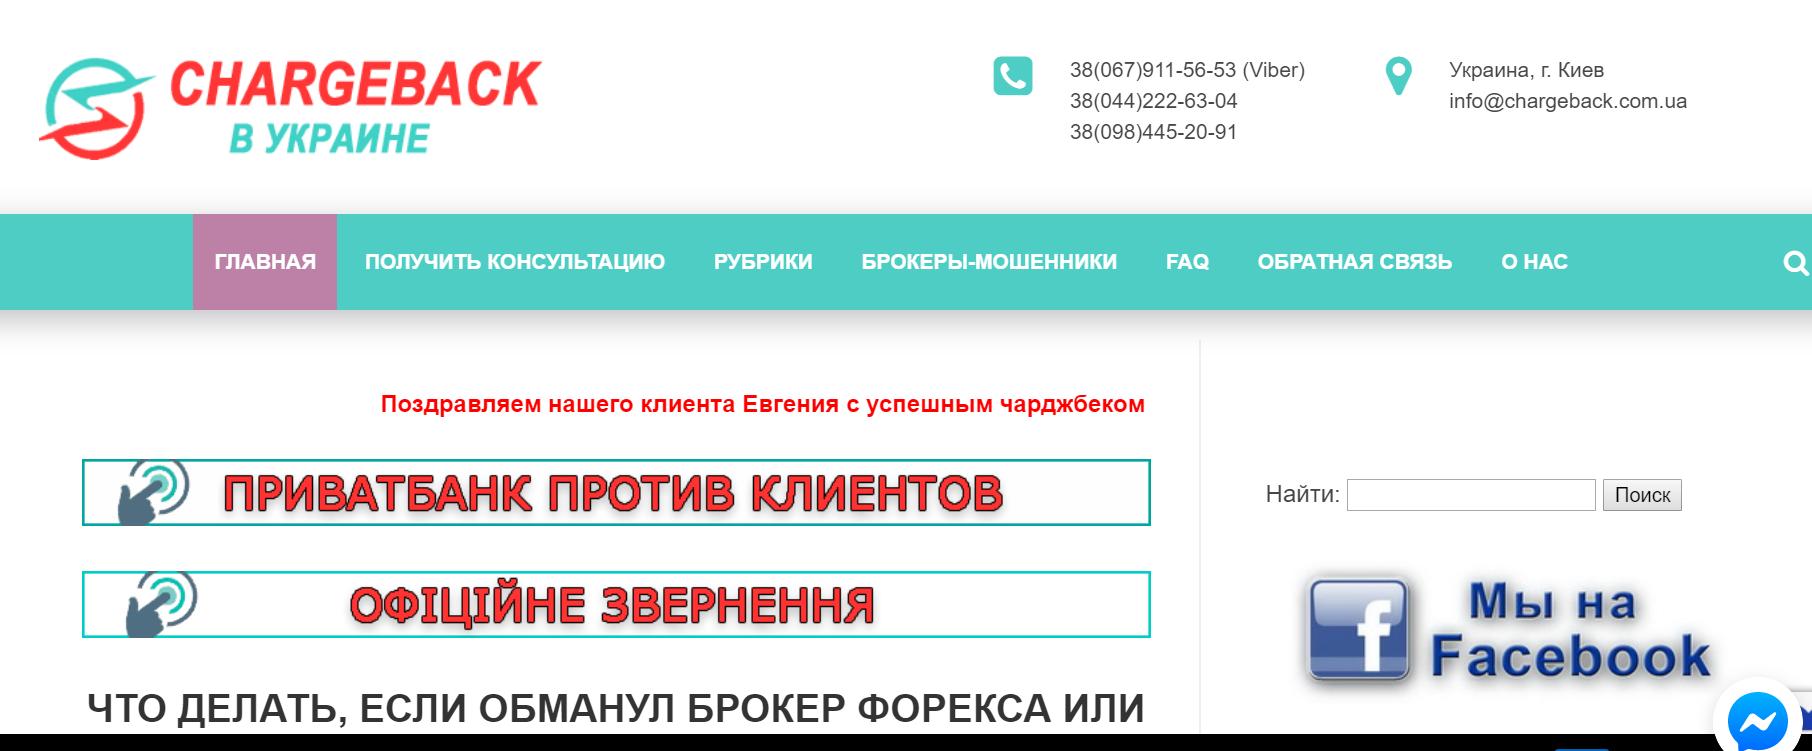 ЧАРДЖБЕК UA